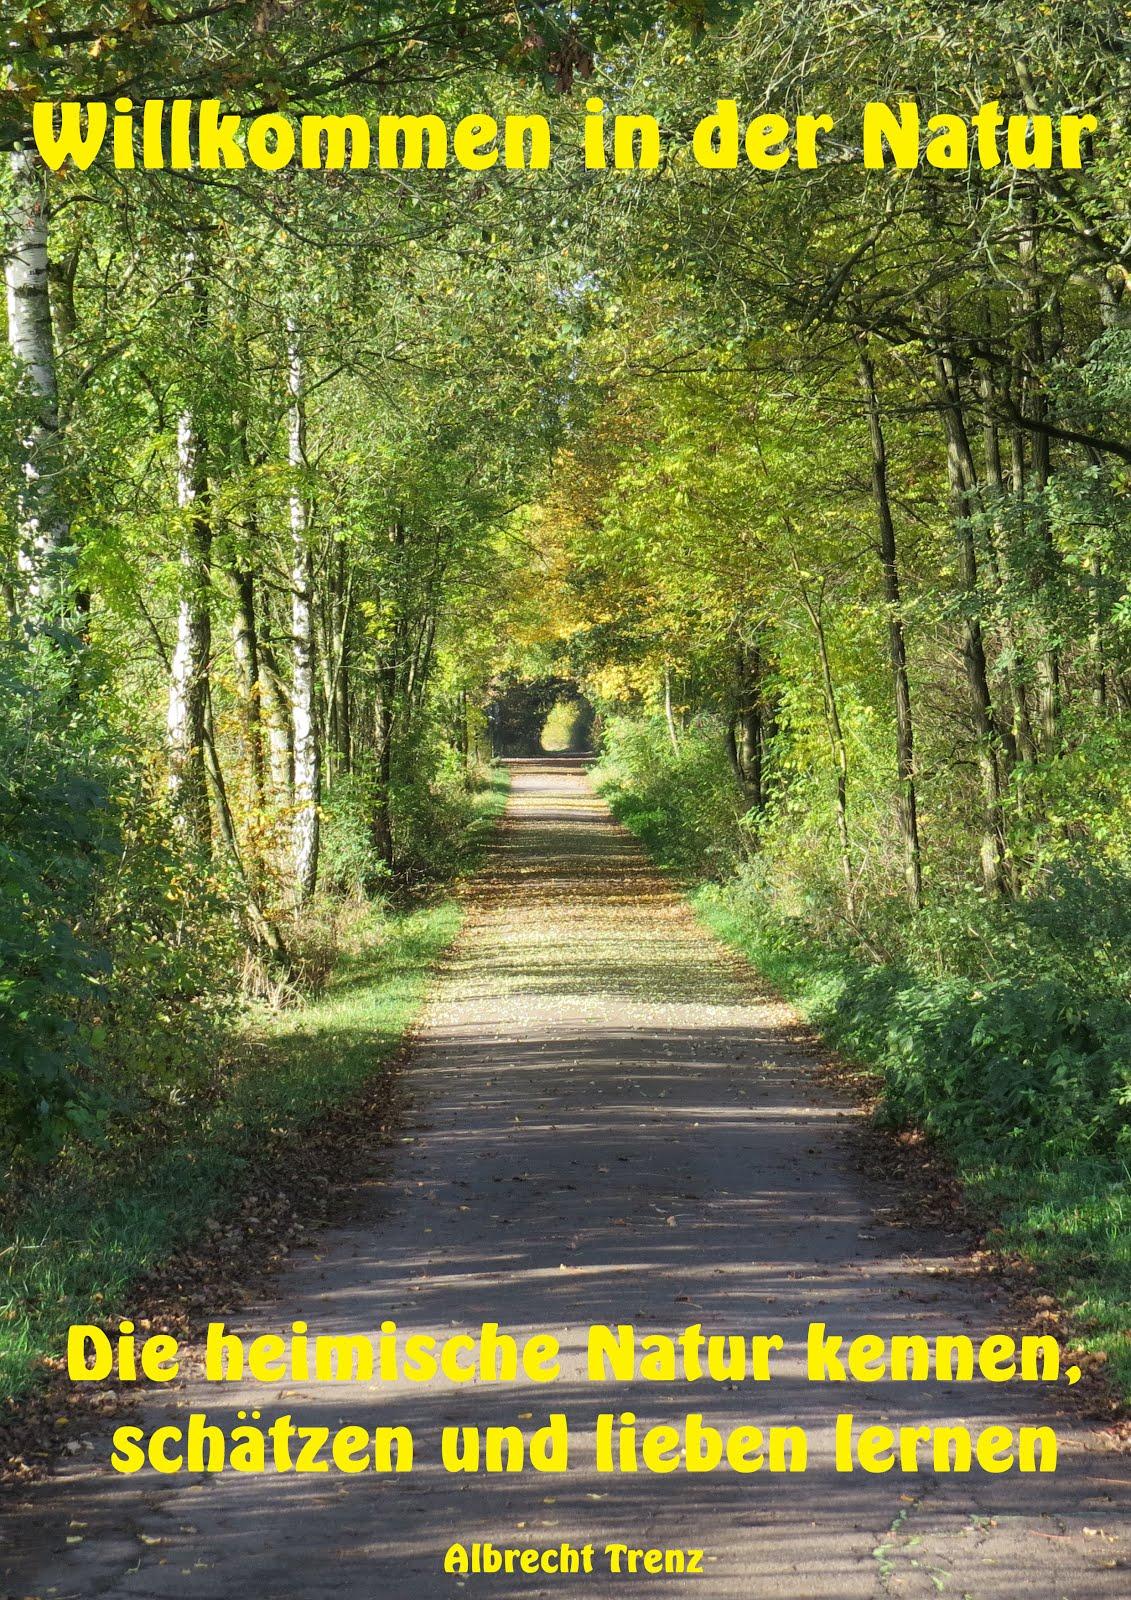 Willkommen in der Natur